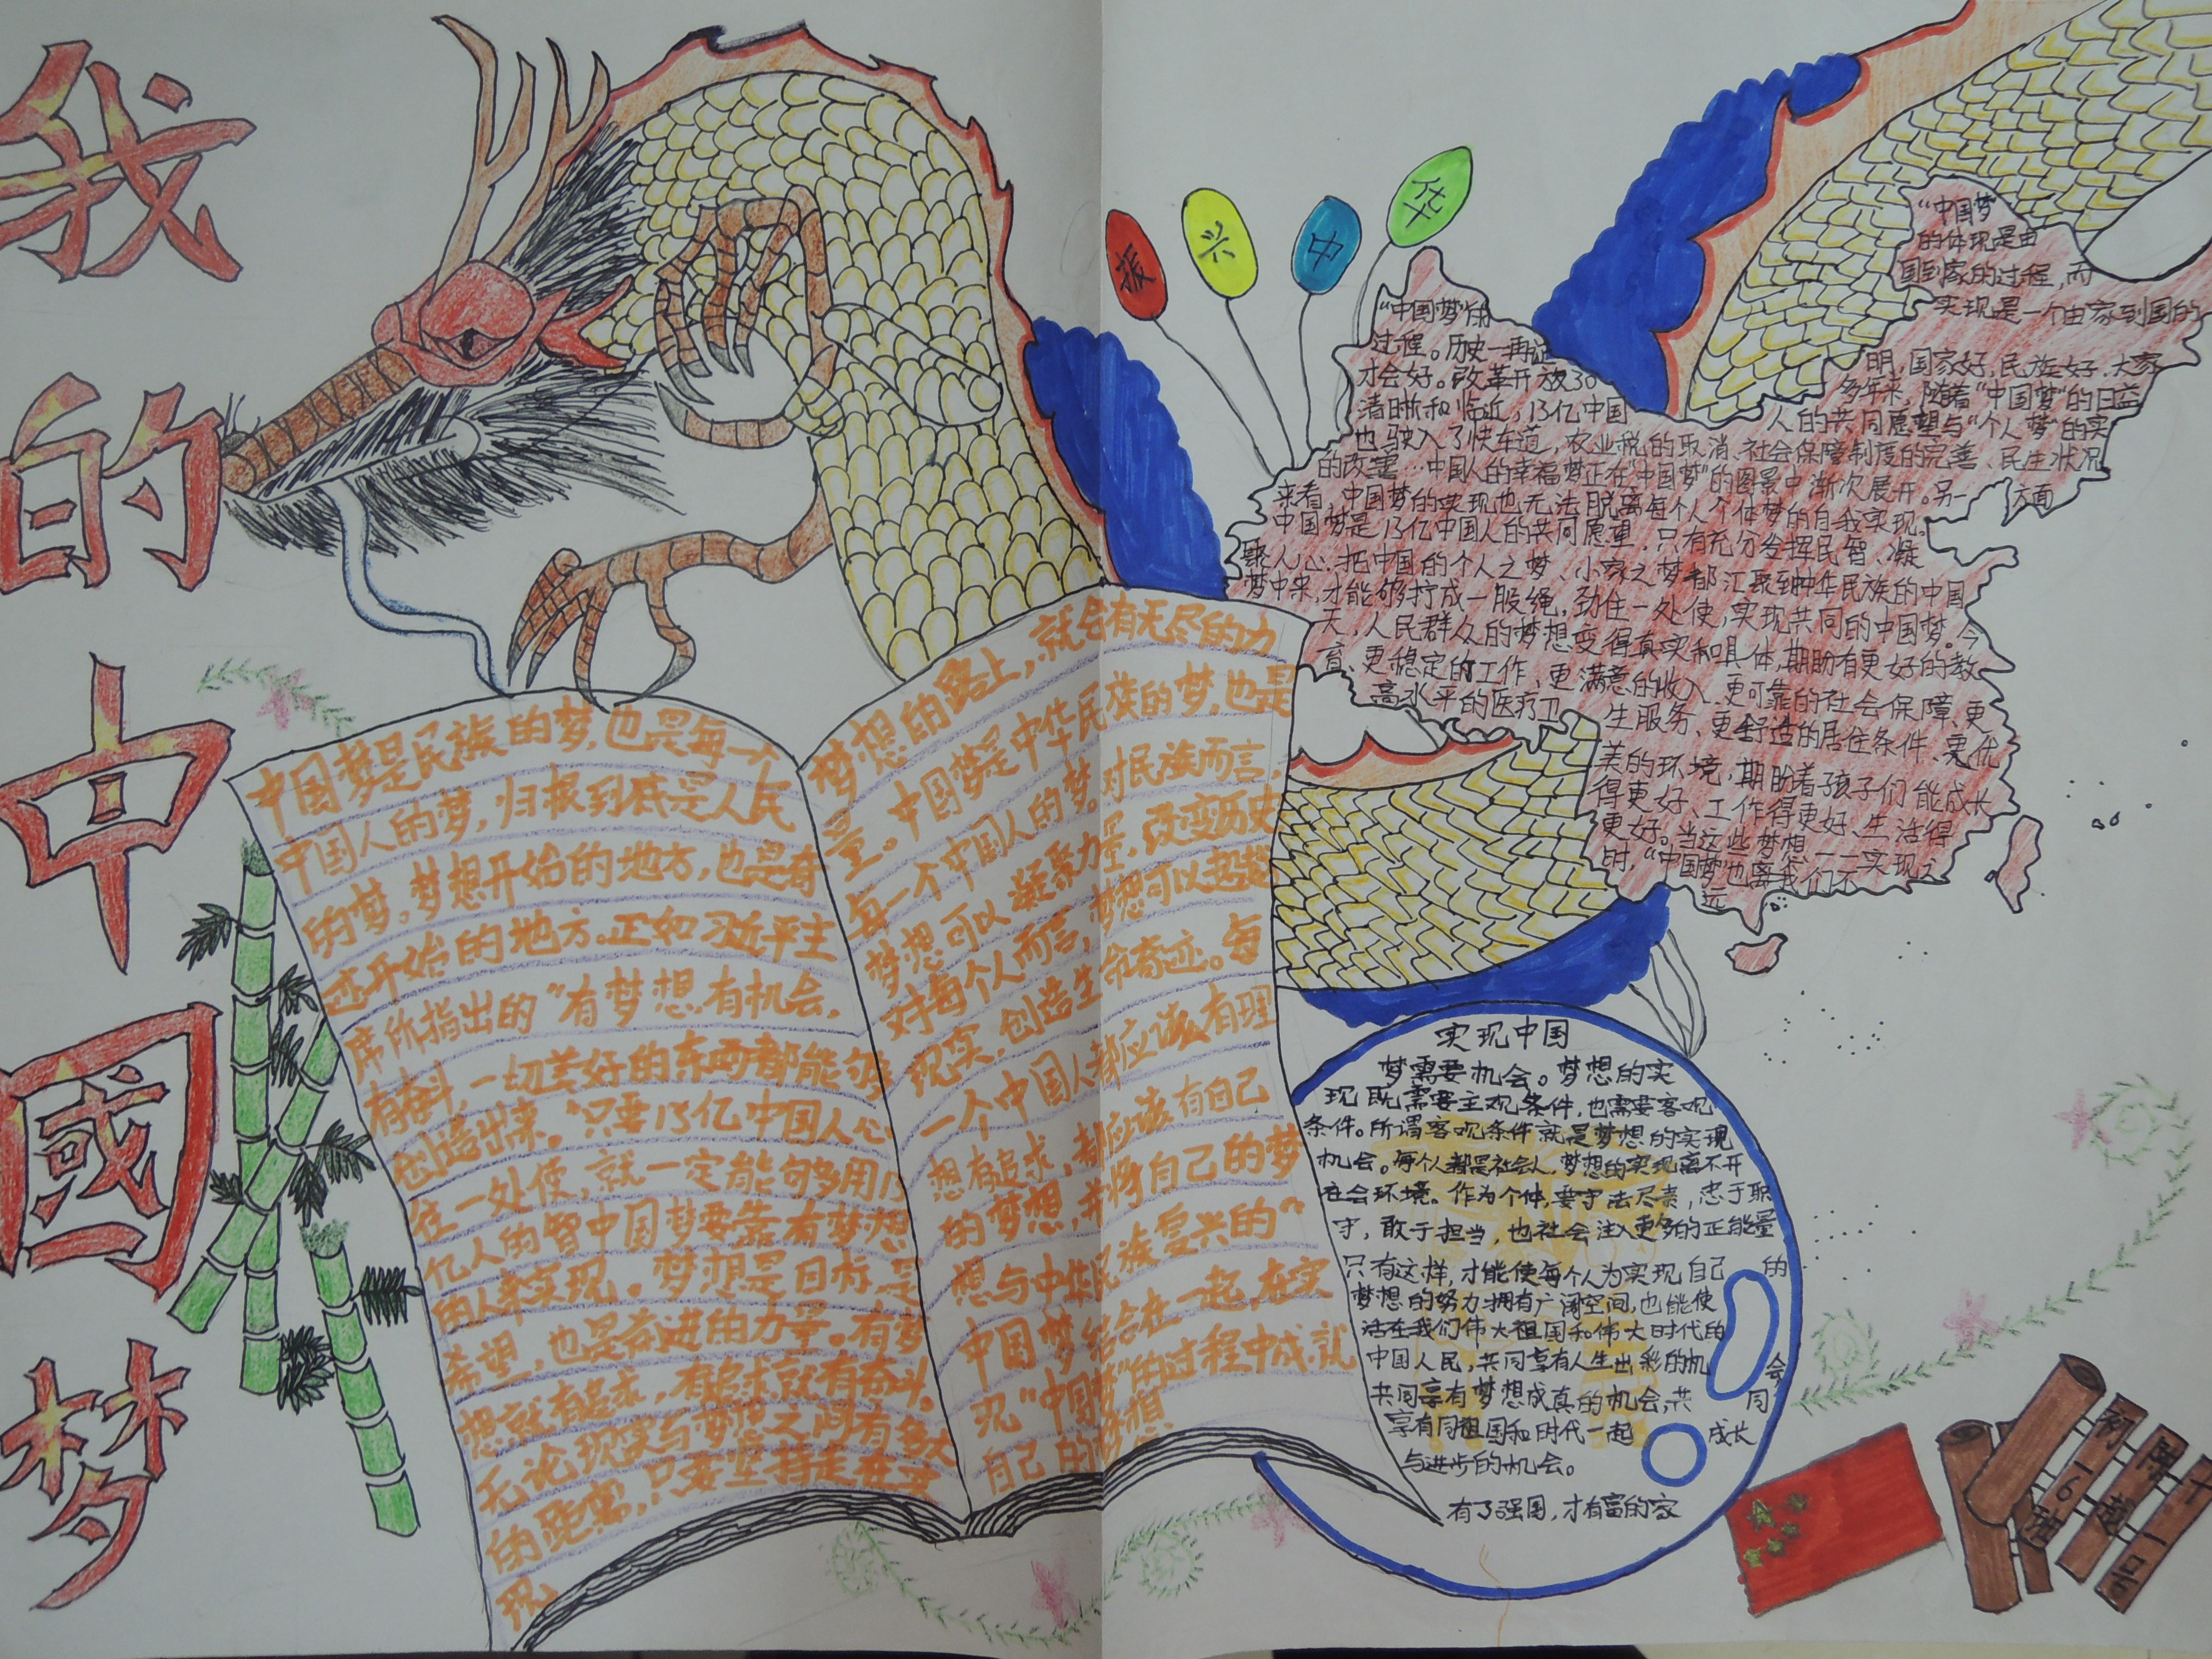 中国梦手抄报 教案设计上传 活动 未来网红领巾集结号